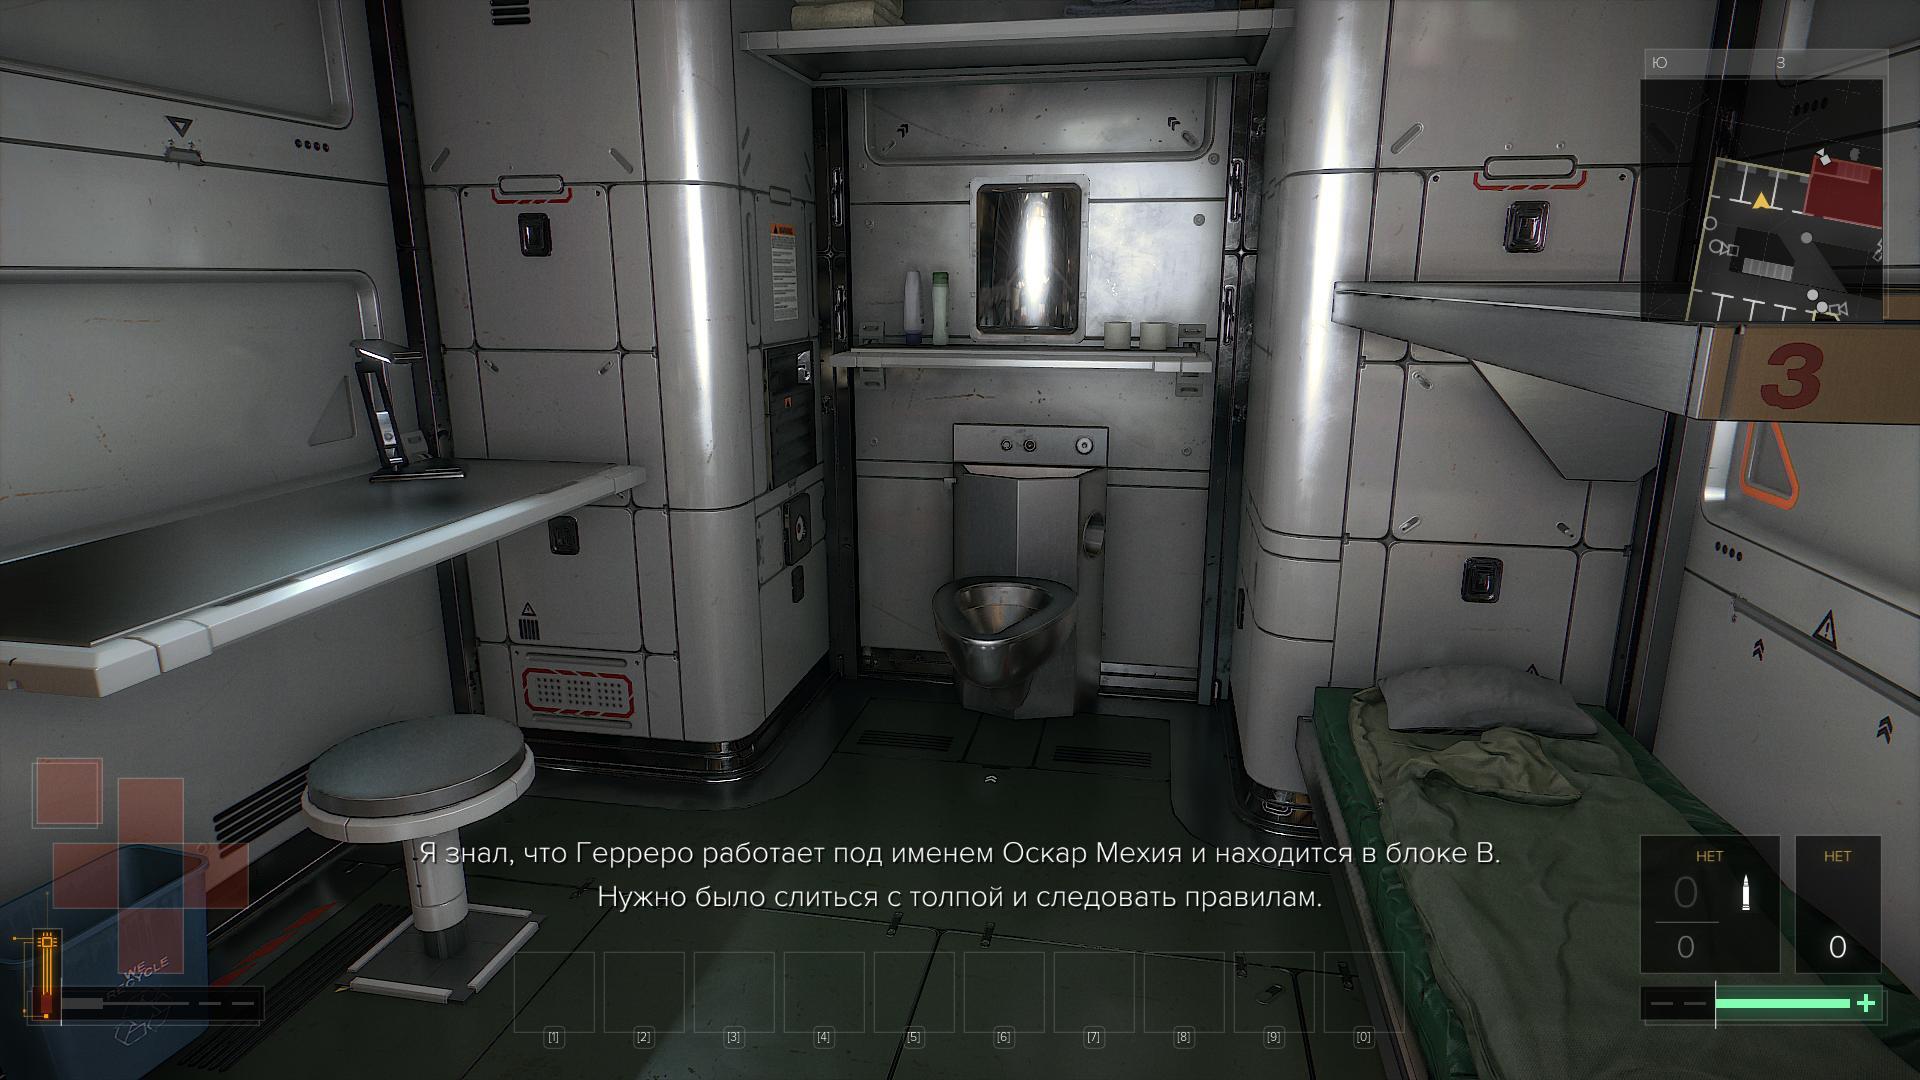 000344.Jpg - Deus Ex: Mankind Divided